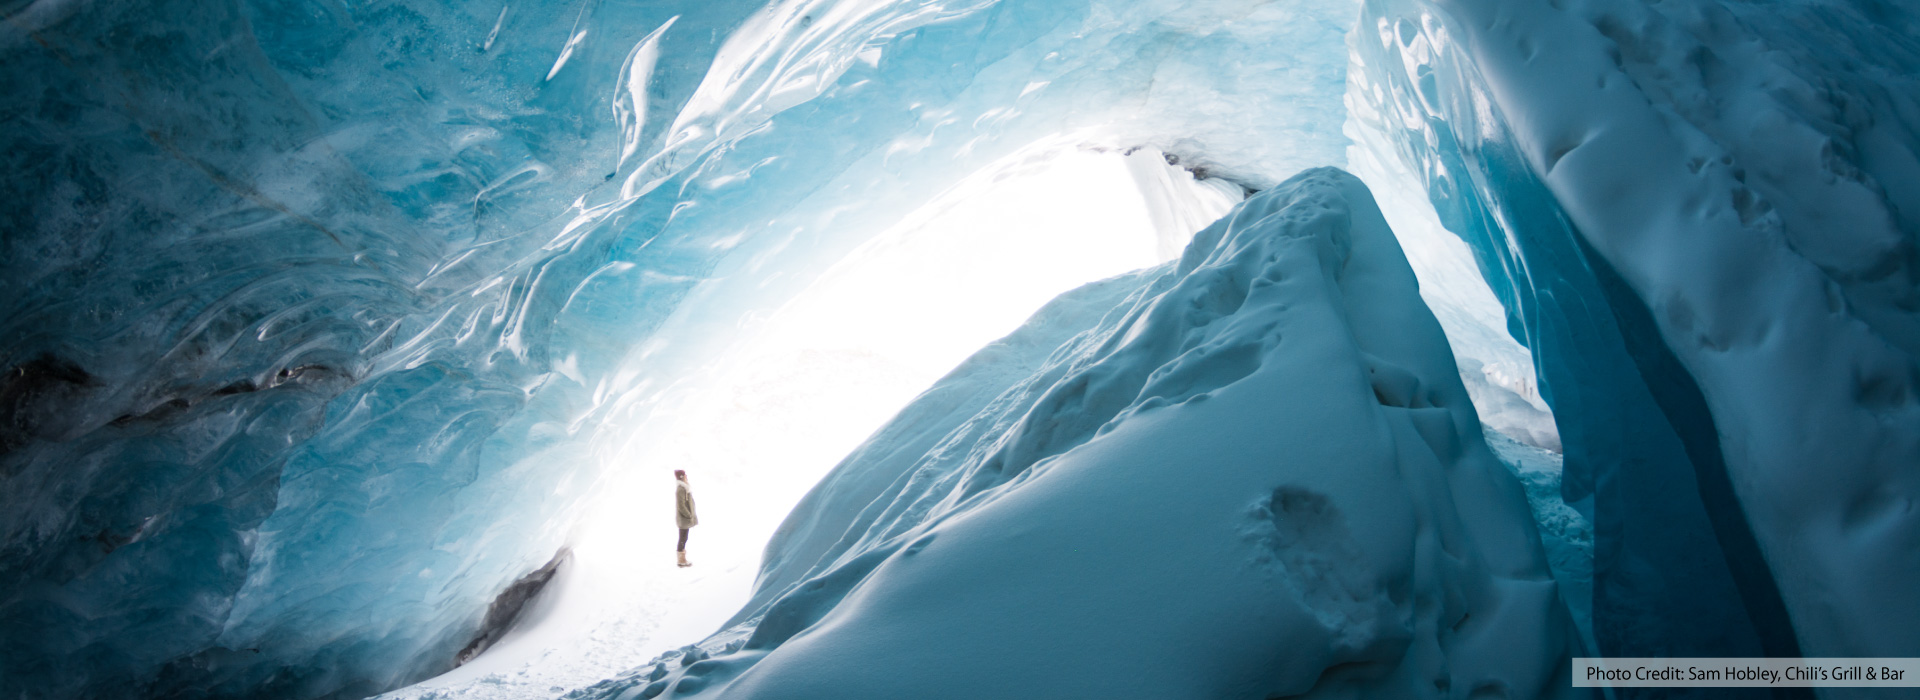 Banff Activities